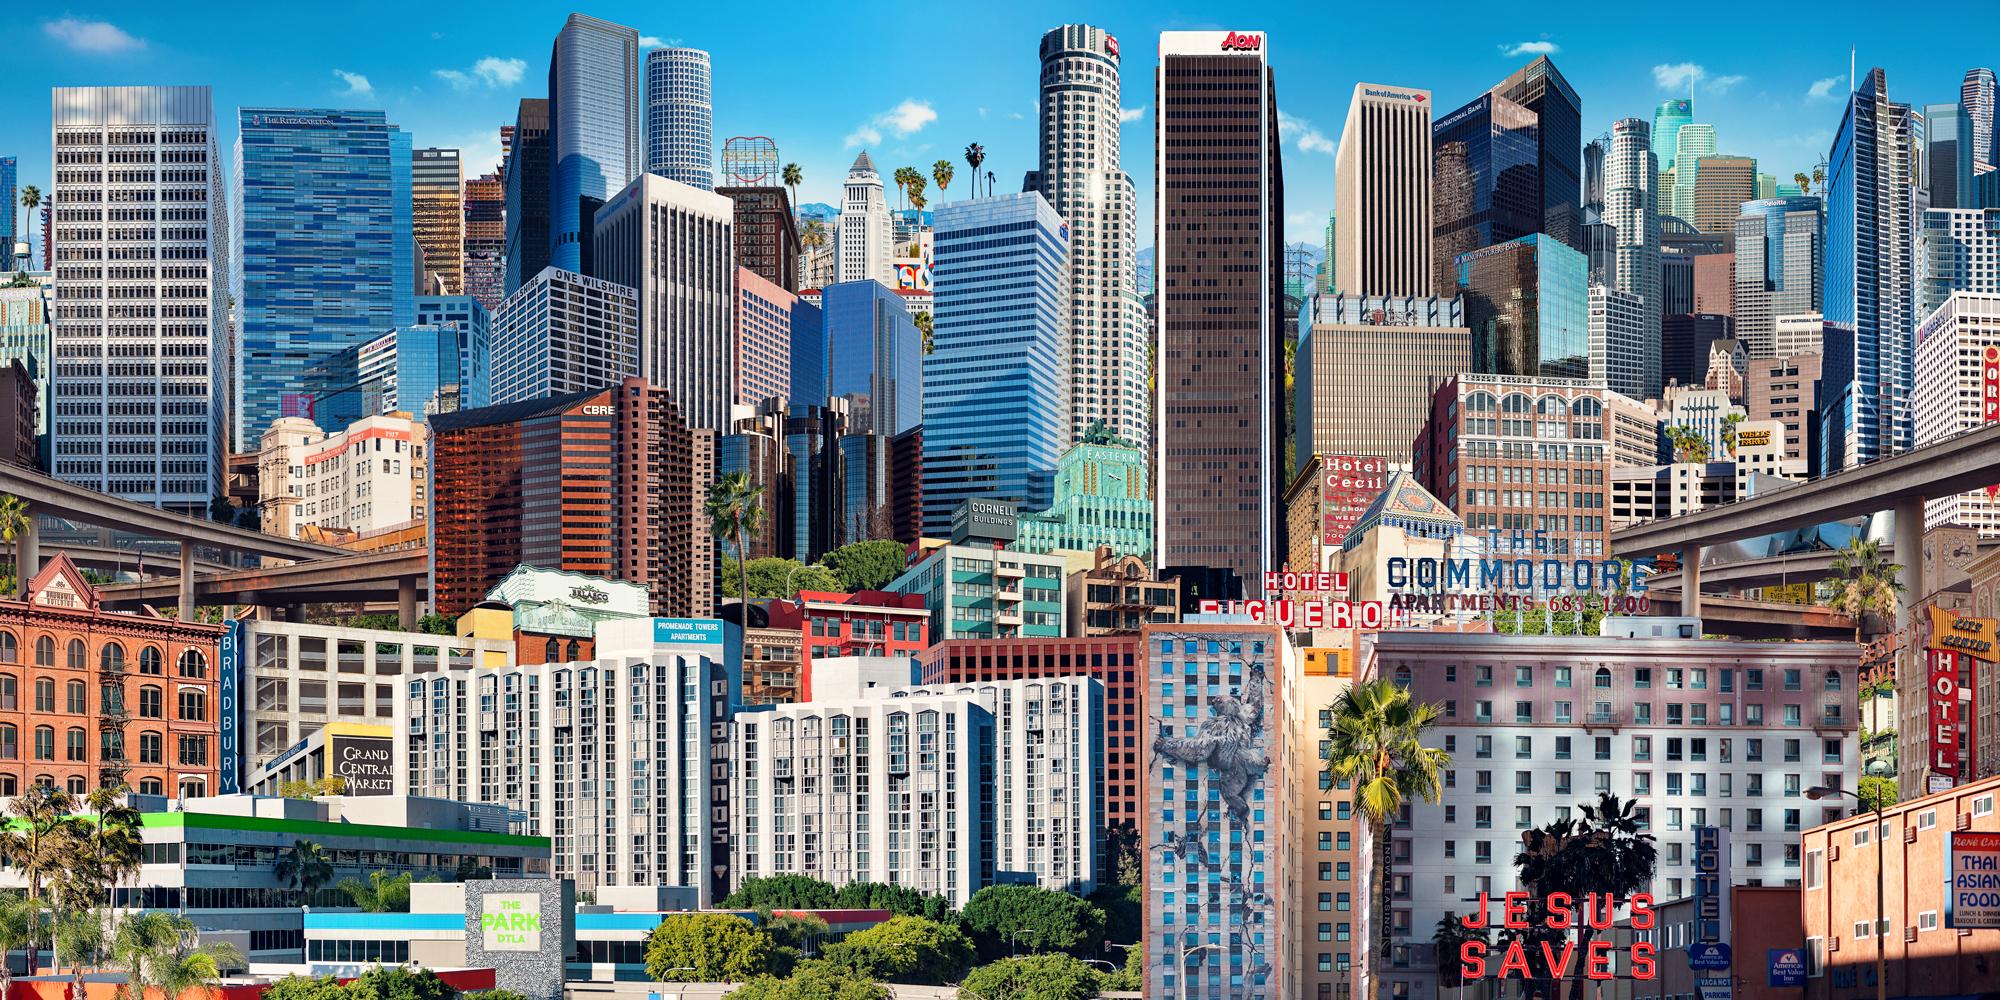 DTLA (Downtown Los Angeles)